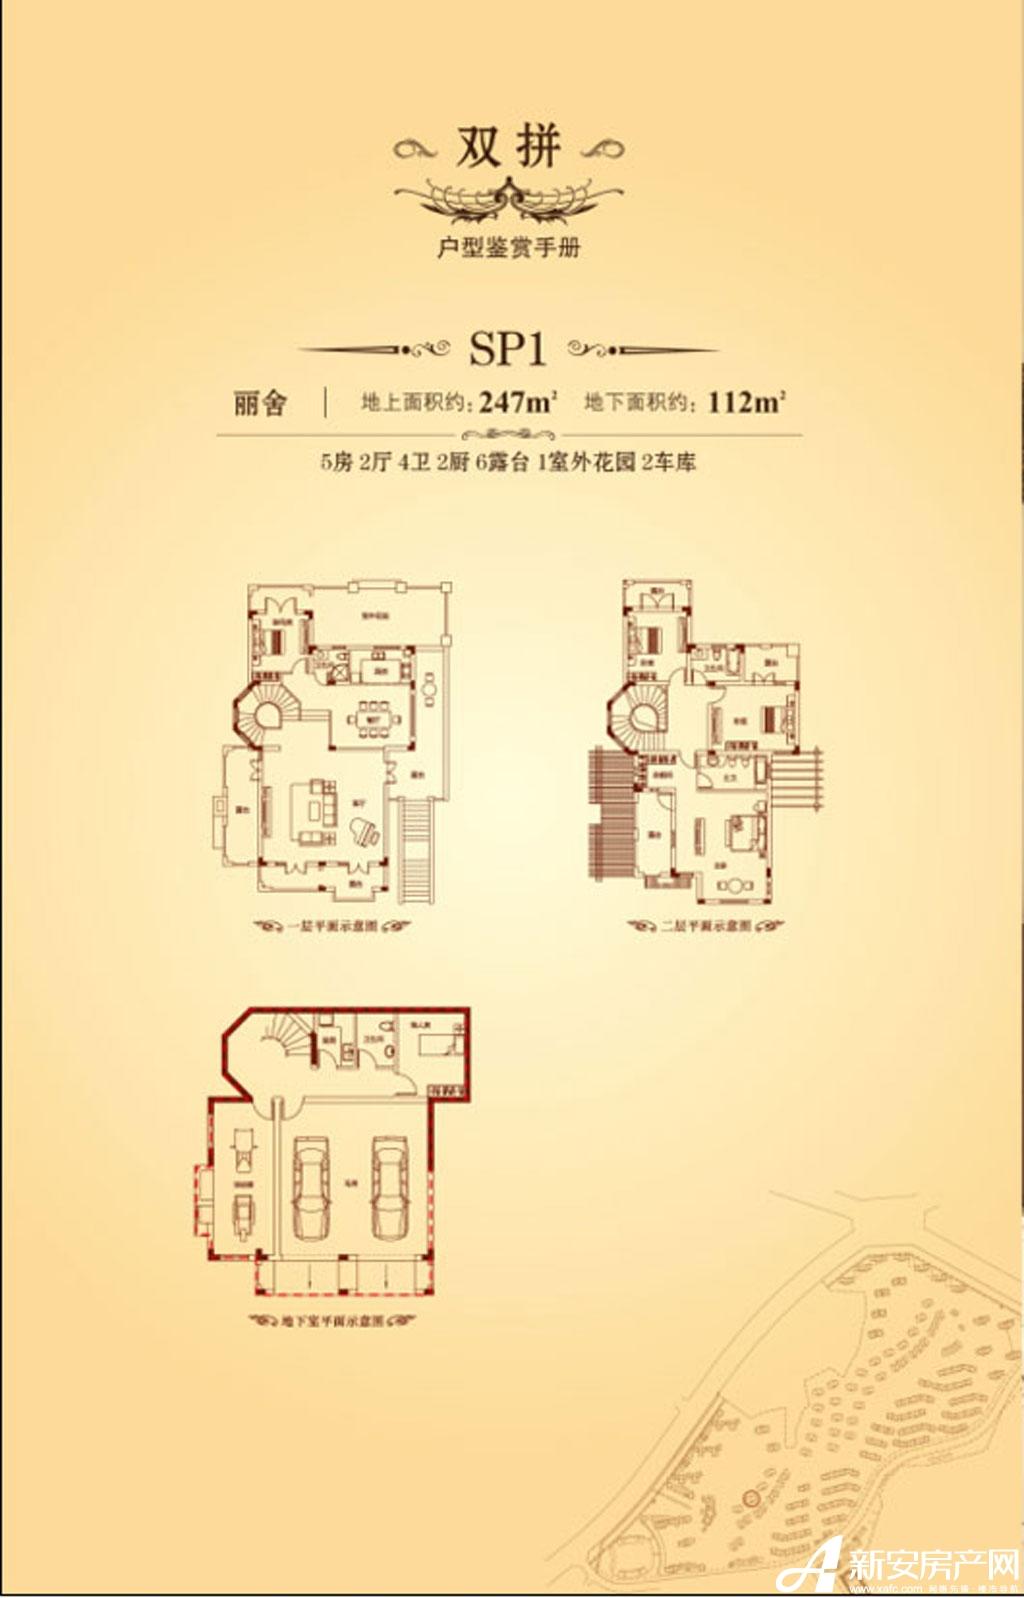 高速铜都天地SP1户型5室2厅359平米